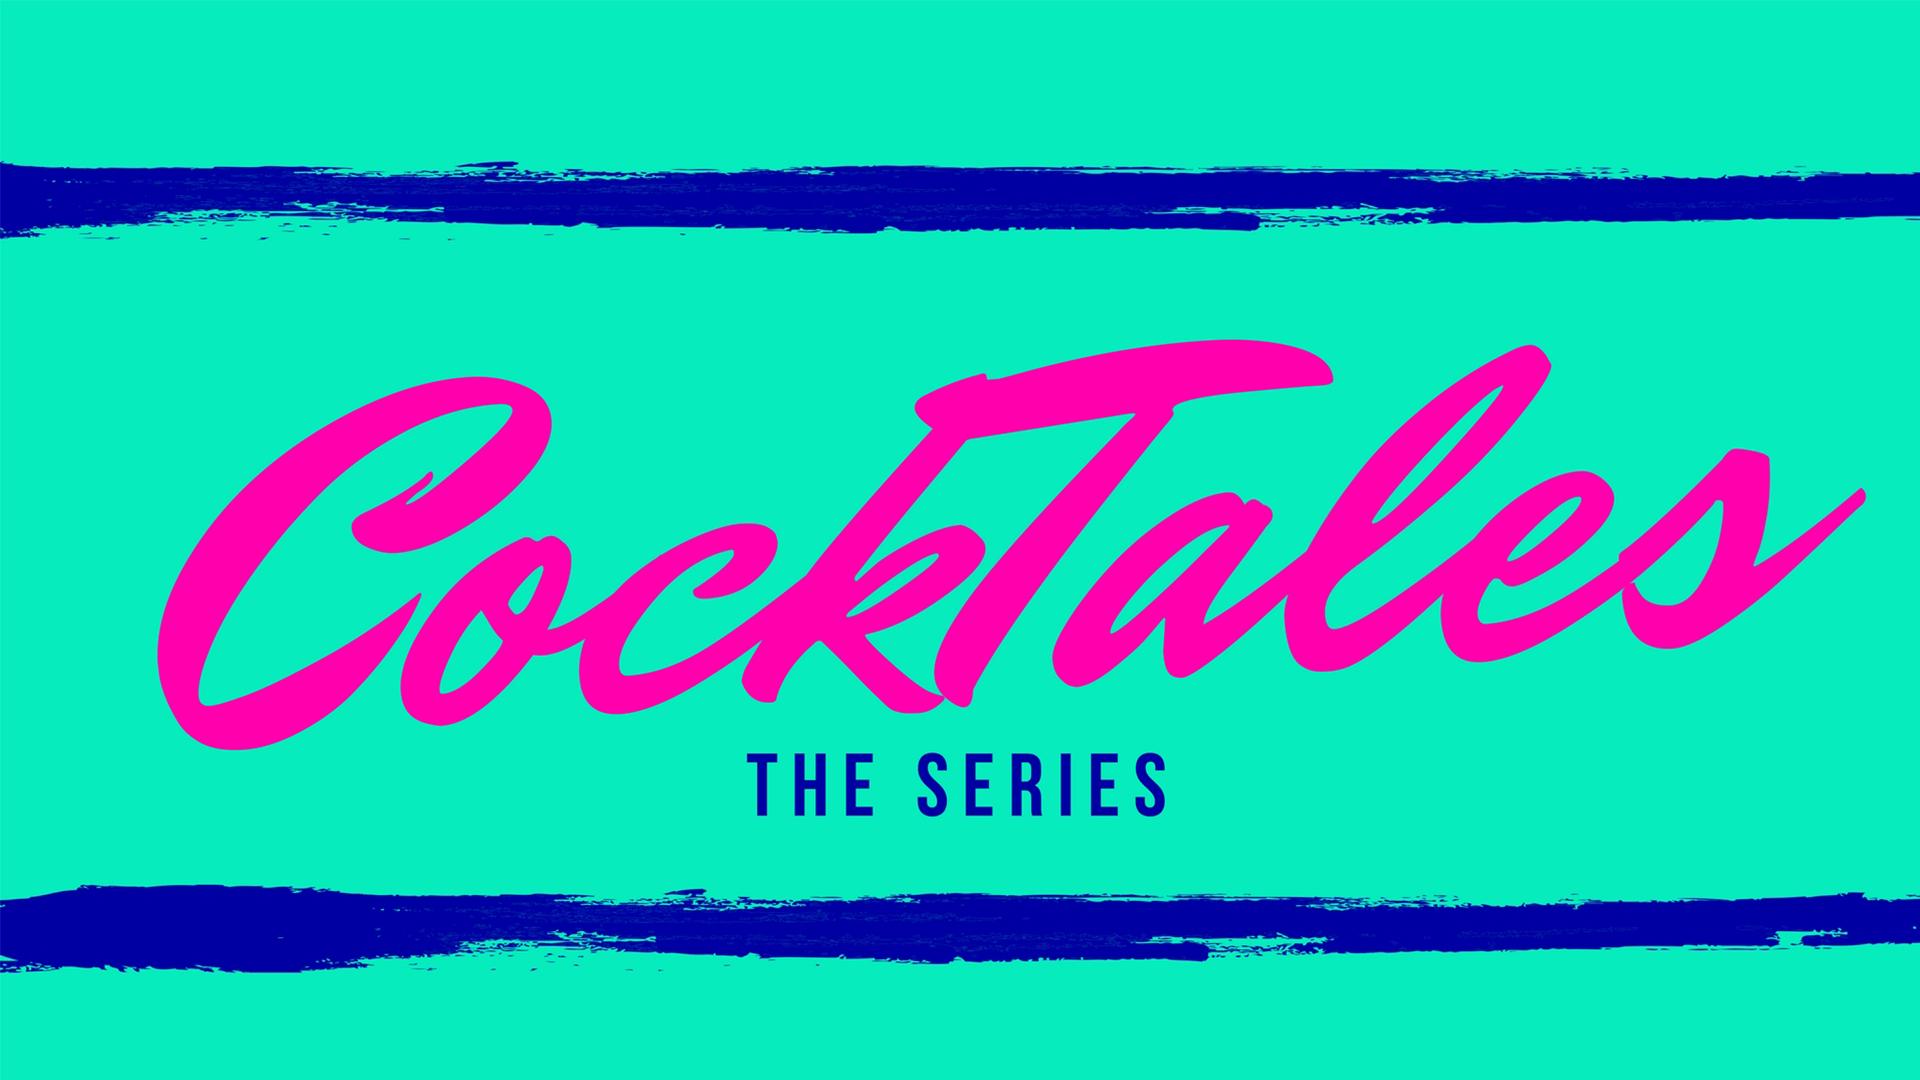 CockTales Series